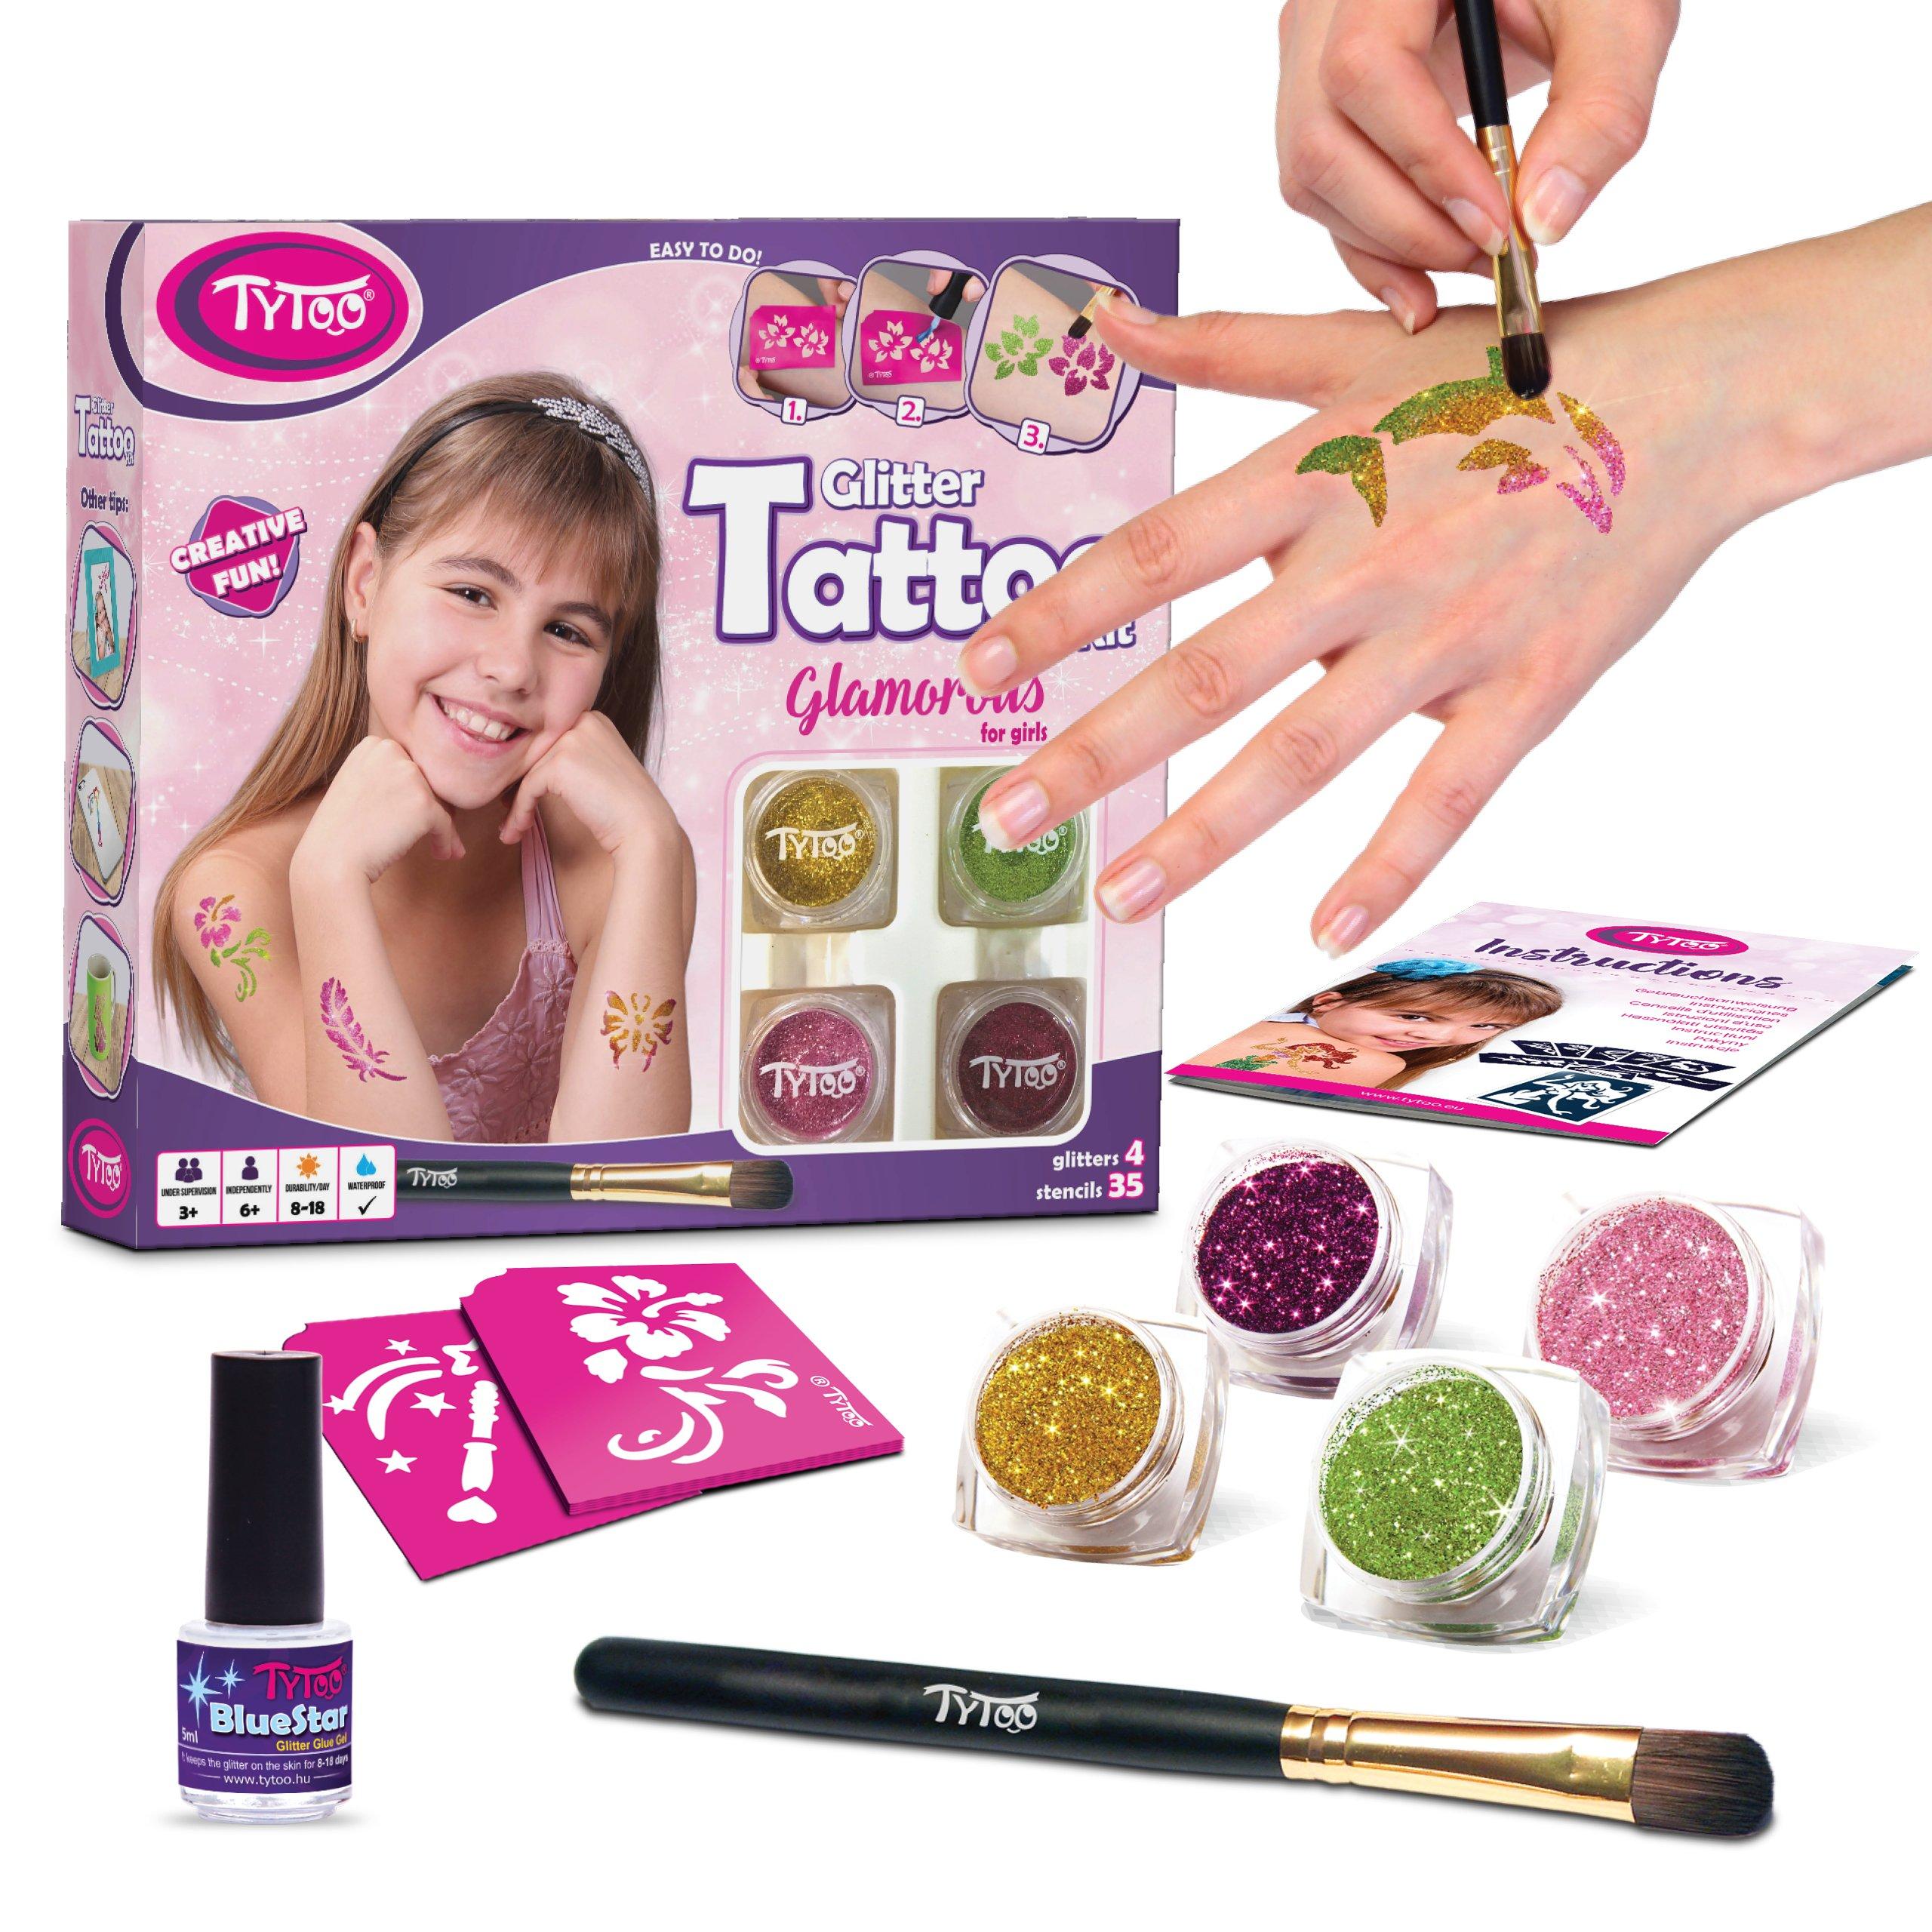 duraci/ón de 8-18 d/ías Kit de Tatuajes con Purpurina Tatuajes temporales Tatuajes con Brillantina para Chicas con 35 Plantillas Uso Seguro